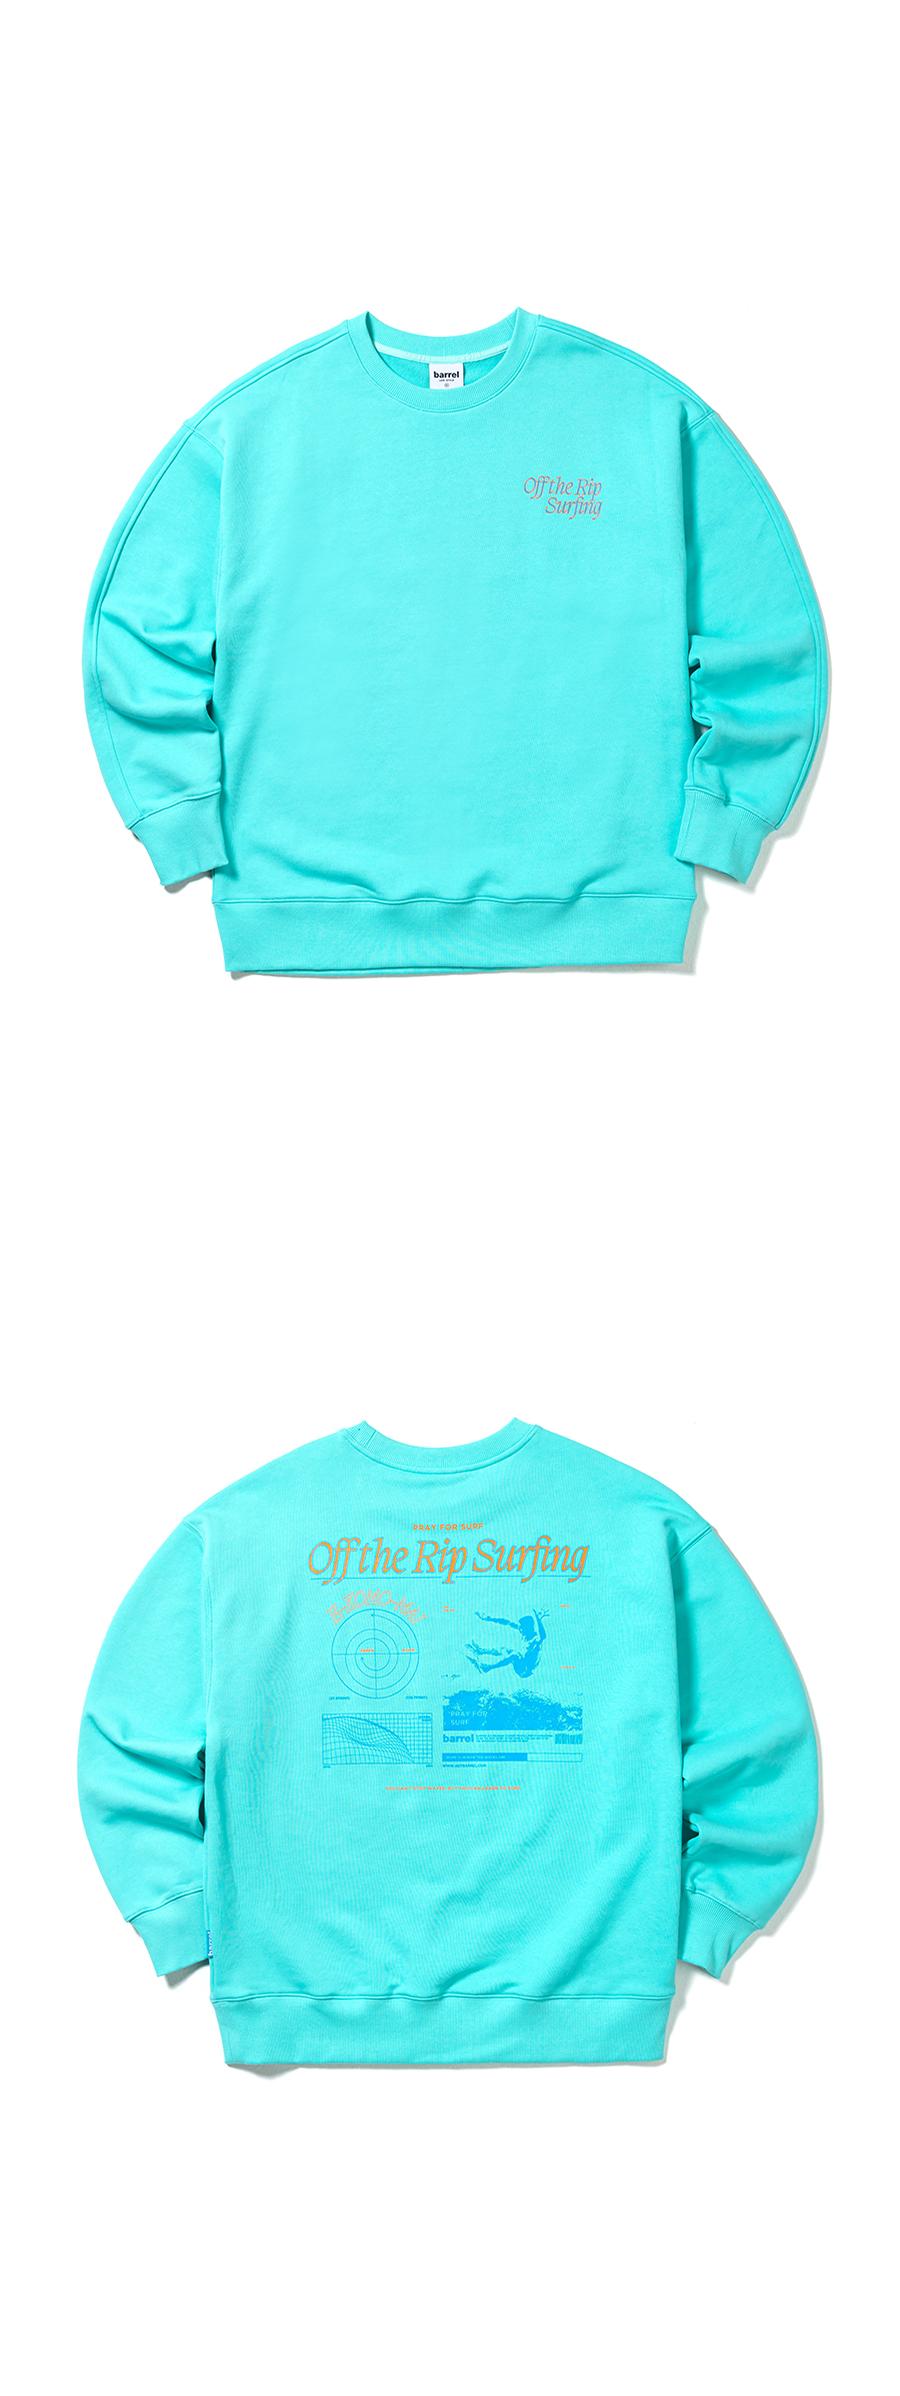 배럴(BARREL) 유니섹스 오프더립 스웨트 셔츠 민트 (BH1UHMM01MNT)